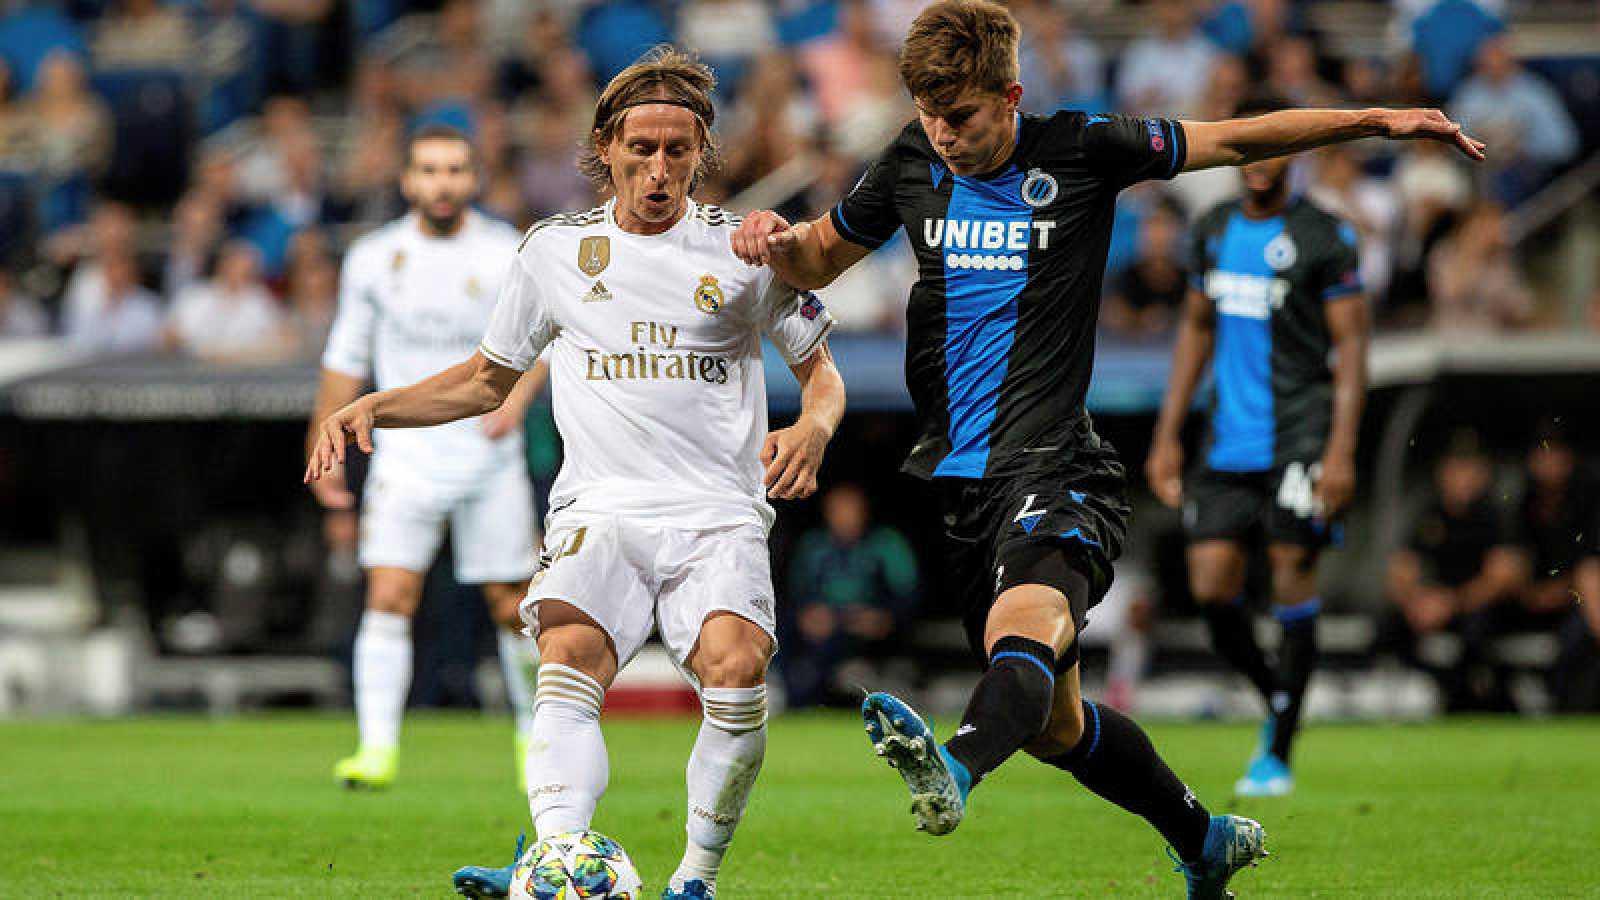 El centrocampista croata del Real Madrid, Luka Modric pelea un balón con el defensa ucraniano del Club Brujas, Eduard Sobol.